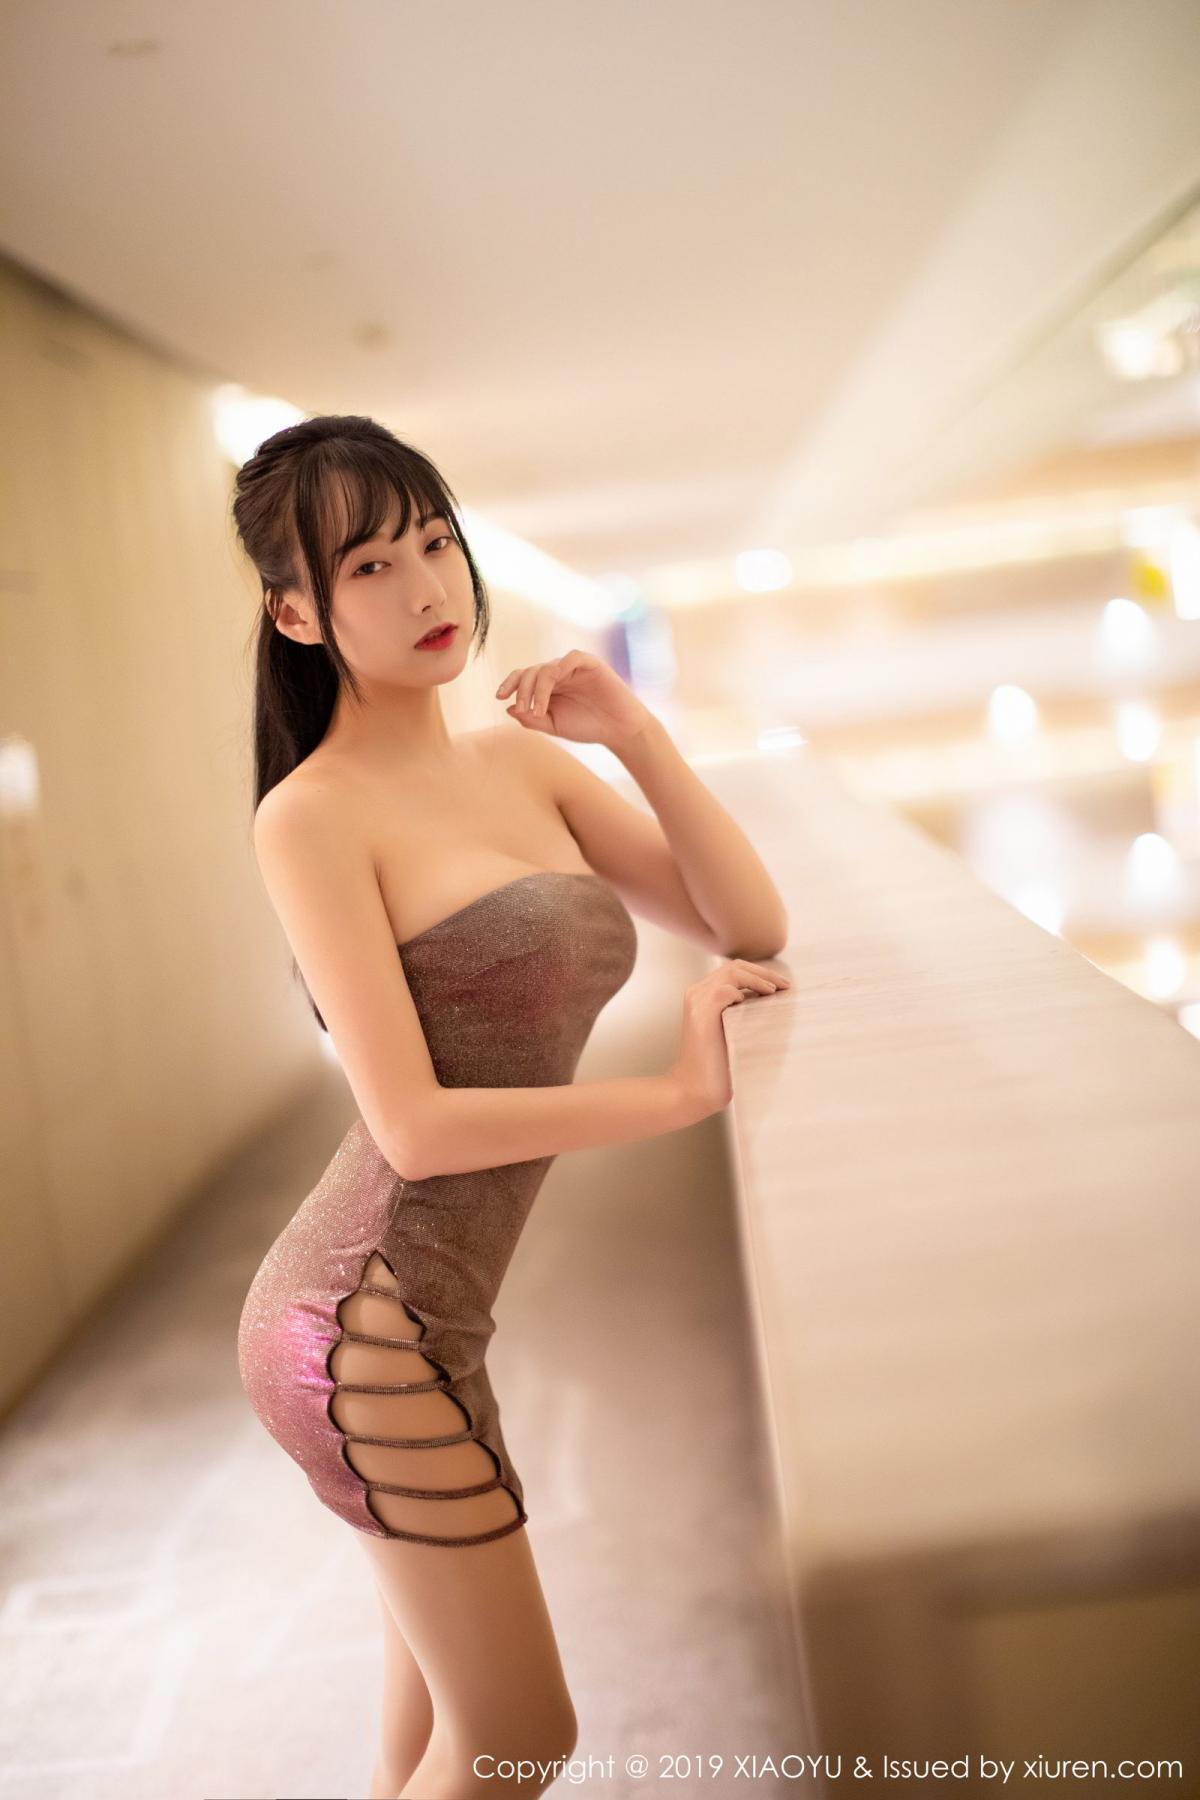 [XiaoYu] Vol.159 He Jia Ying 6P, He Jia Ying, Tall, XiaoYu